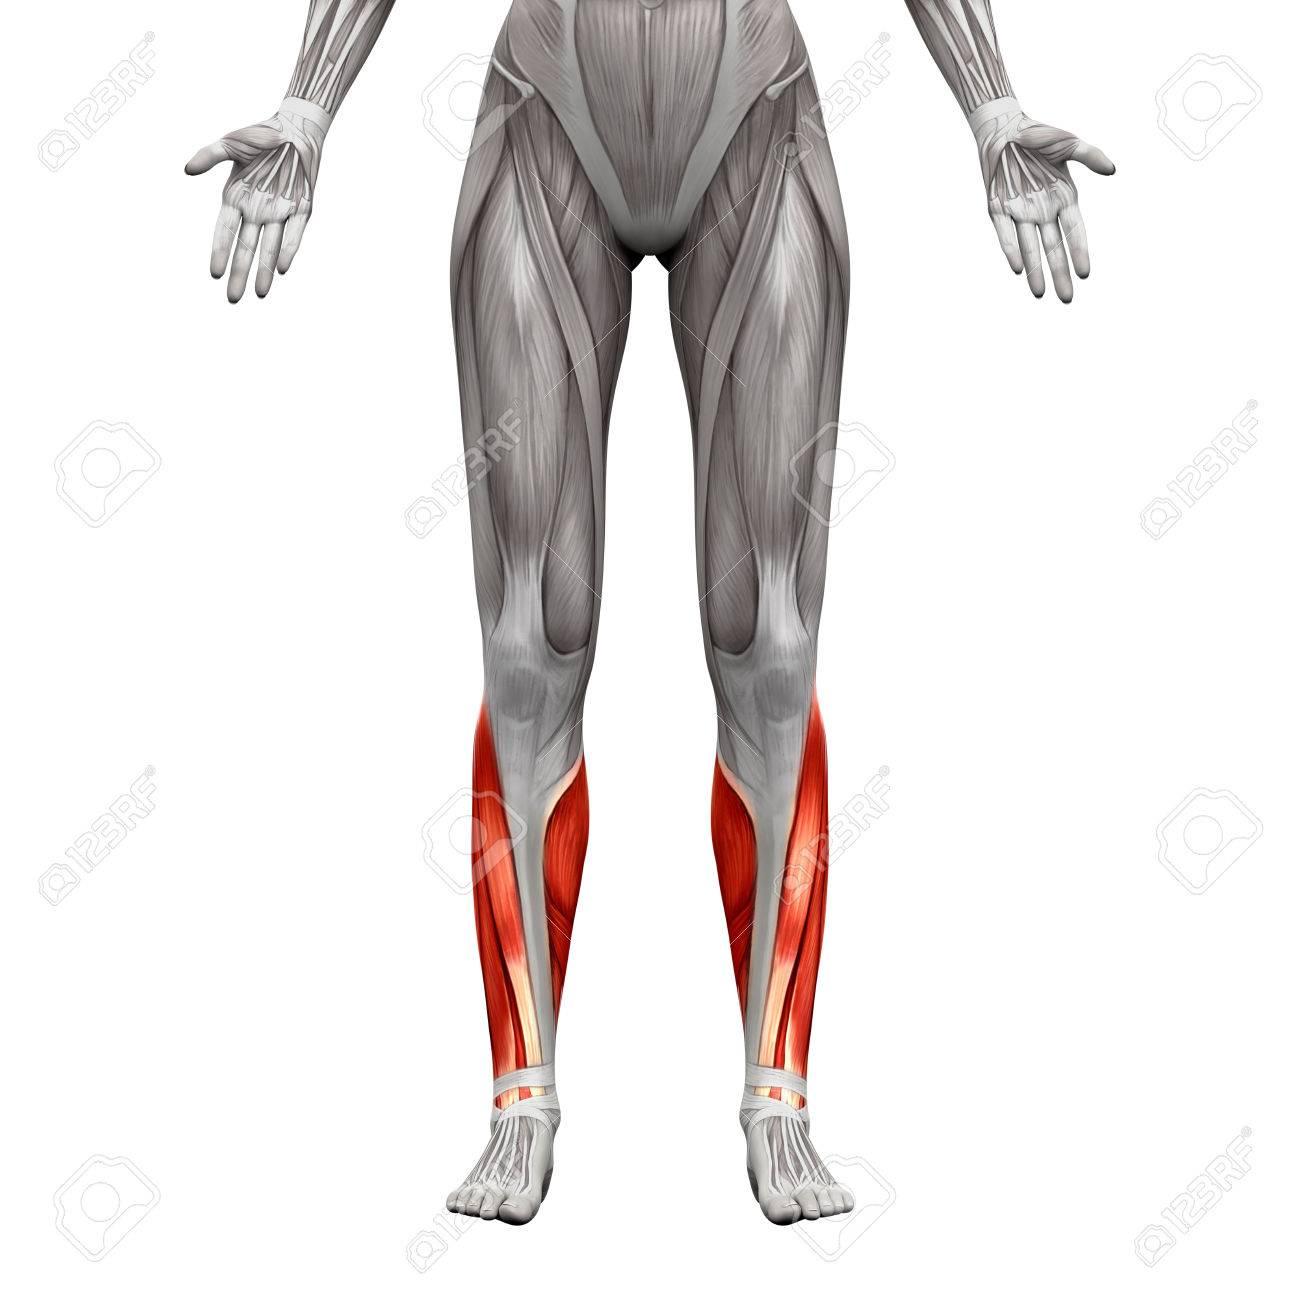 Kalb Muskeln - Anatomie Muskeln Isoliert Auf Weiß - 3D-Darstellung ...